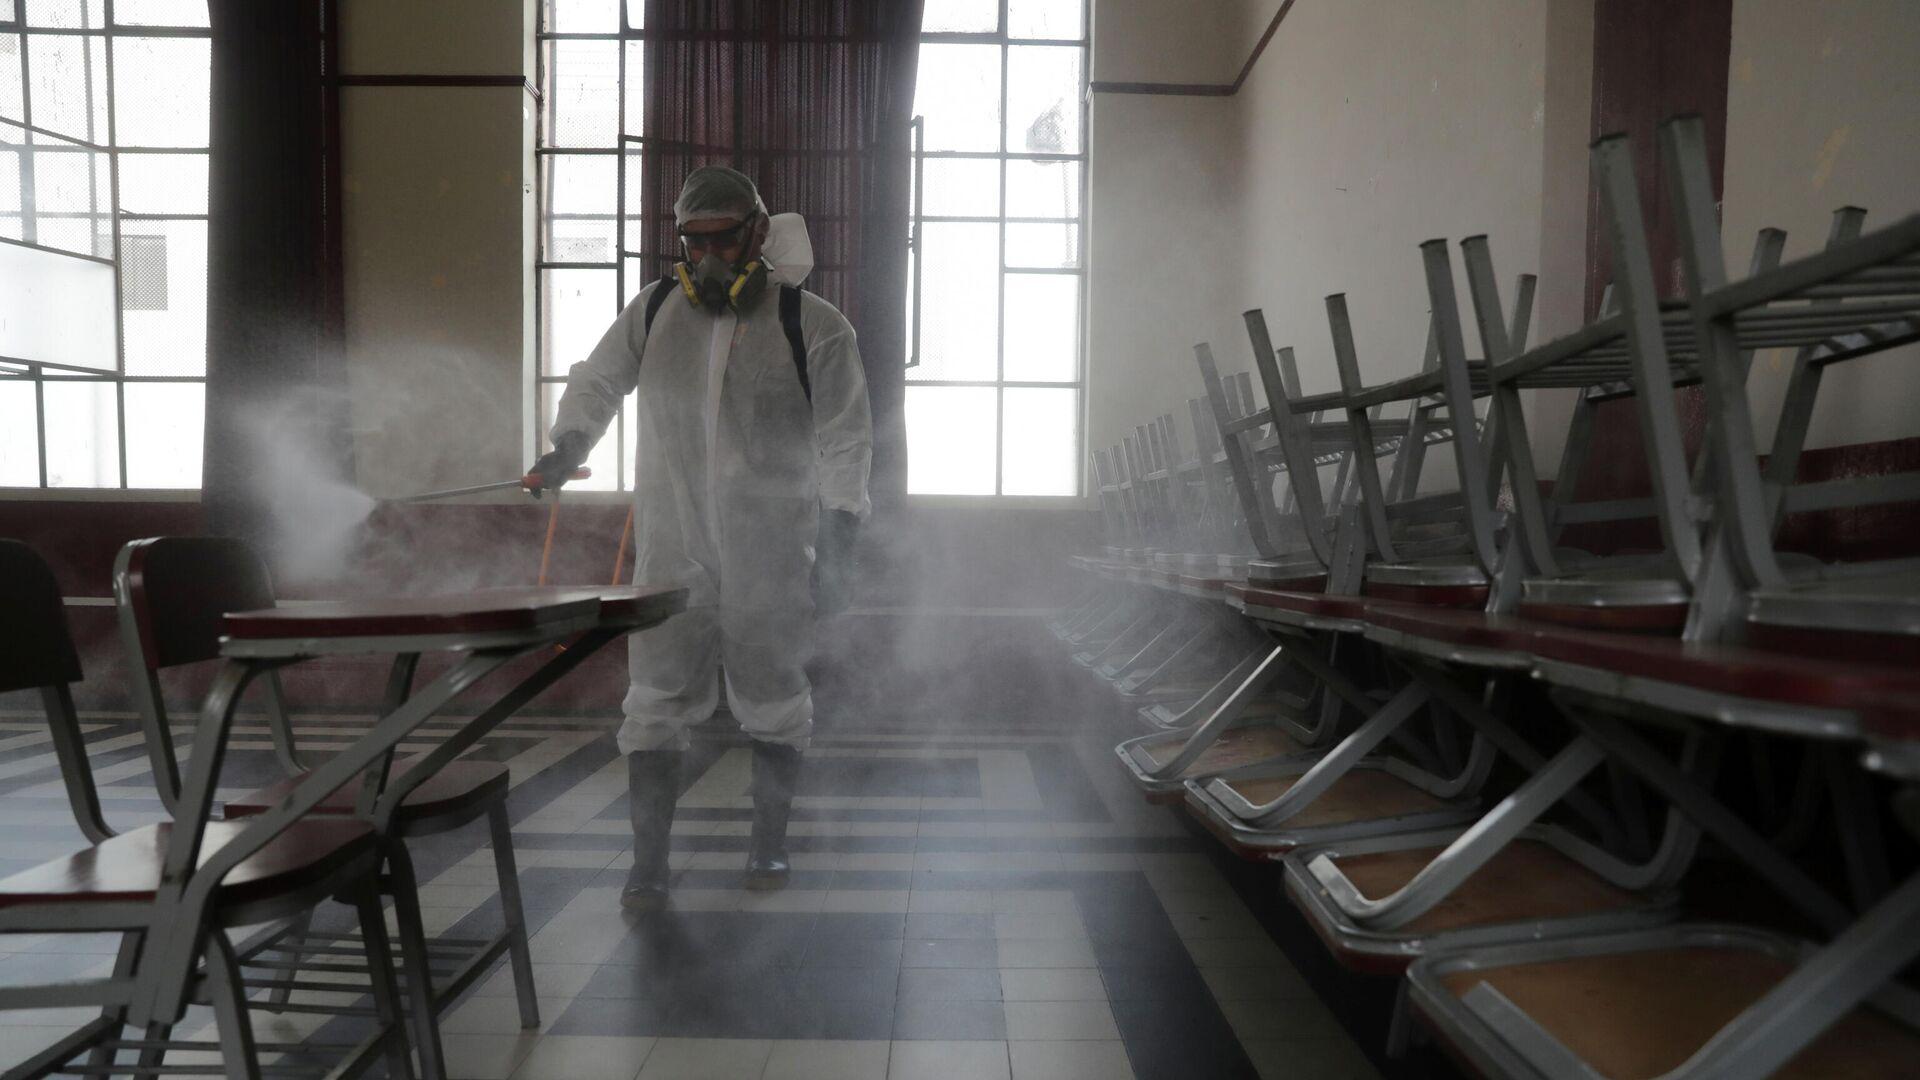 Preparaciones antes de las elecciones en Perú - Sputnik Mundo, 1920, 10.04.2021